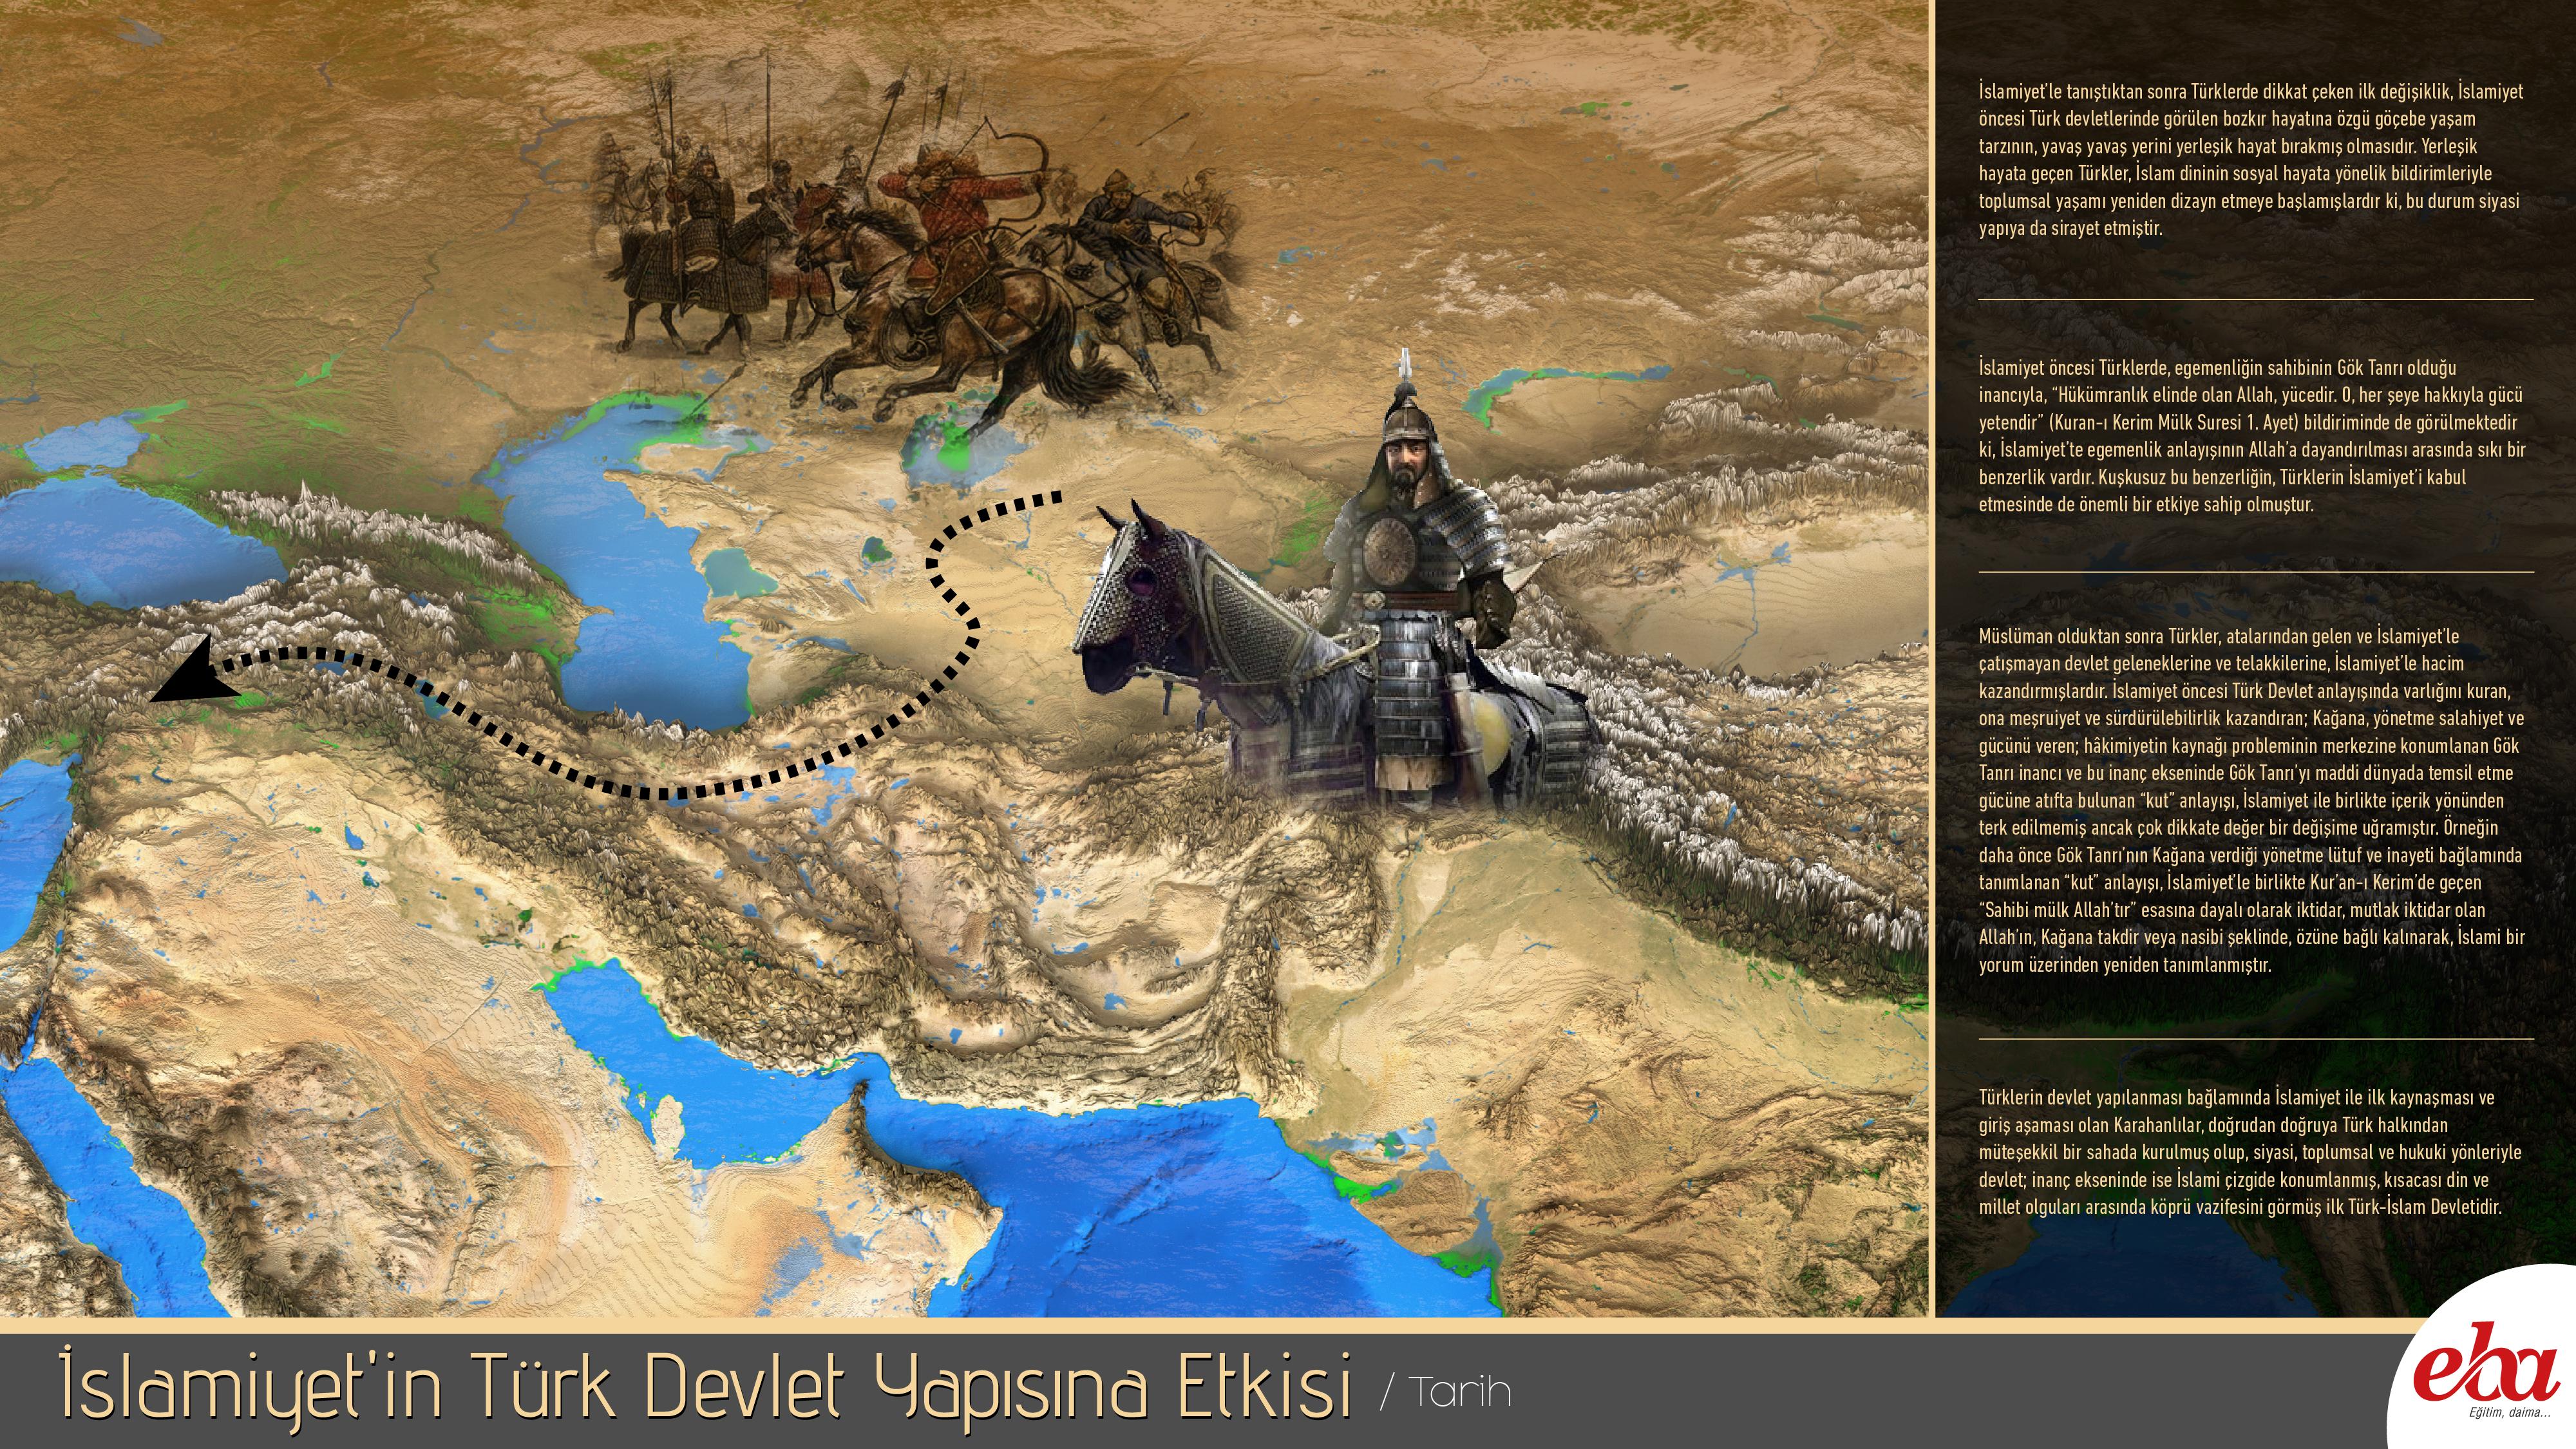 EBA islamiyetin-turk-devlet-yapisina-etkisi.jpg